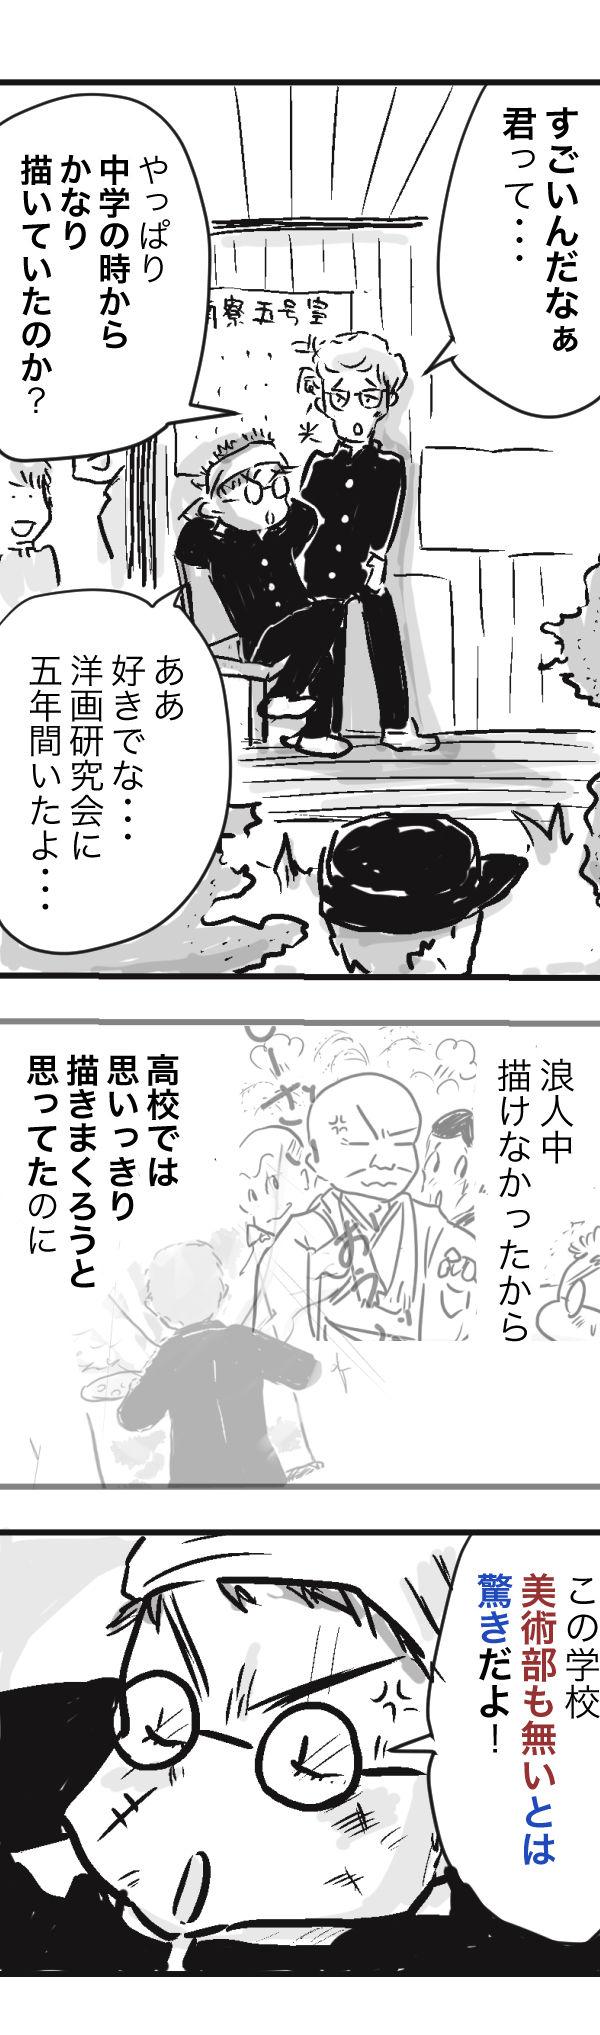 山田 金沢 4−1−4